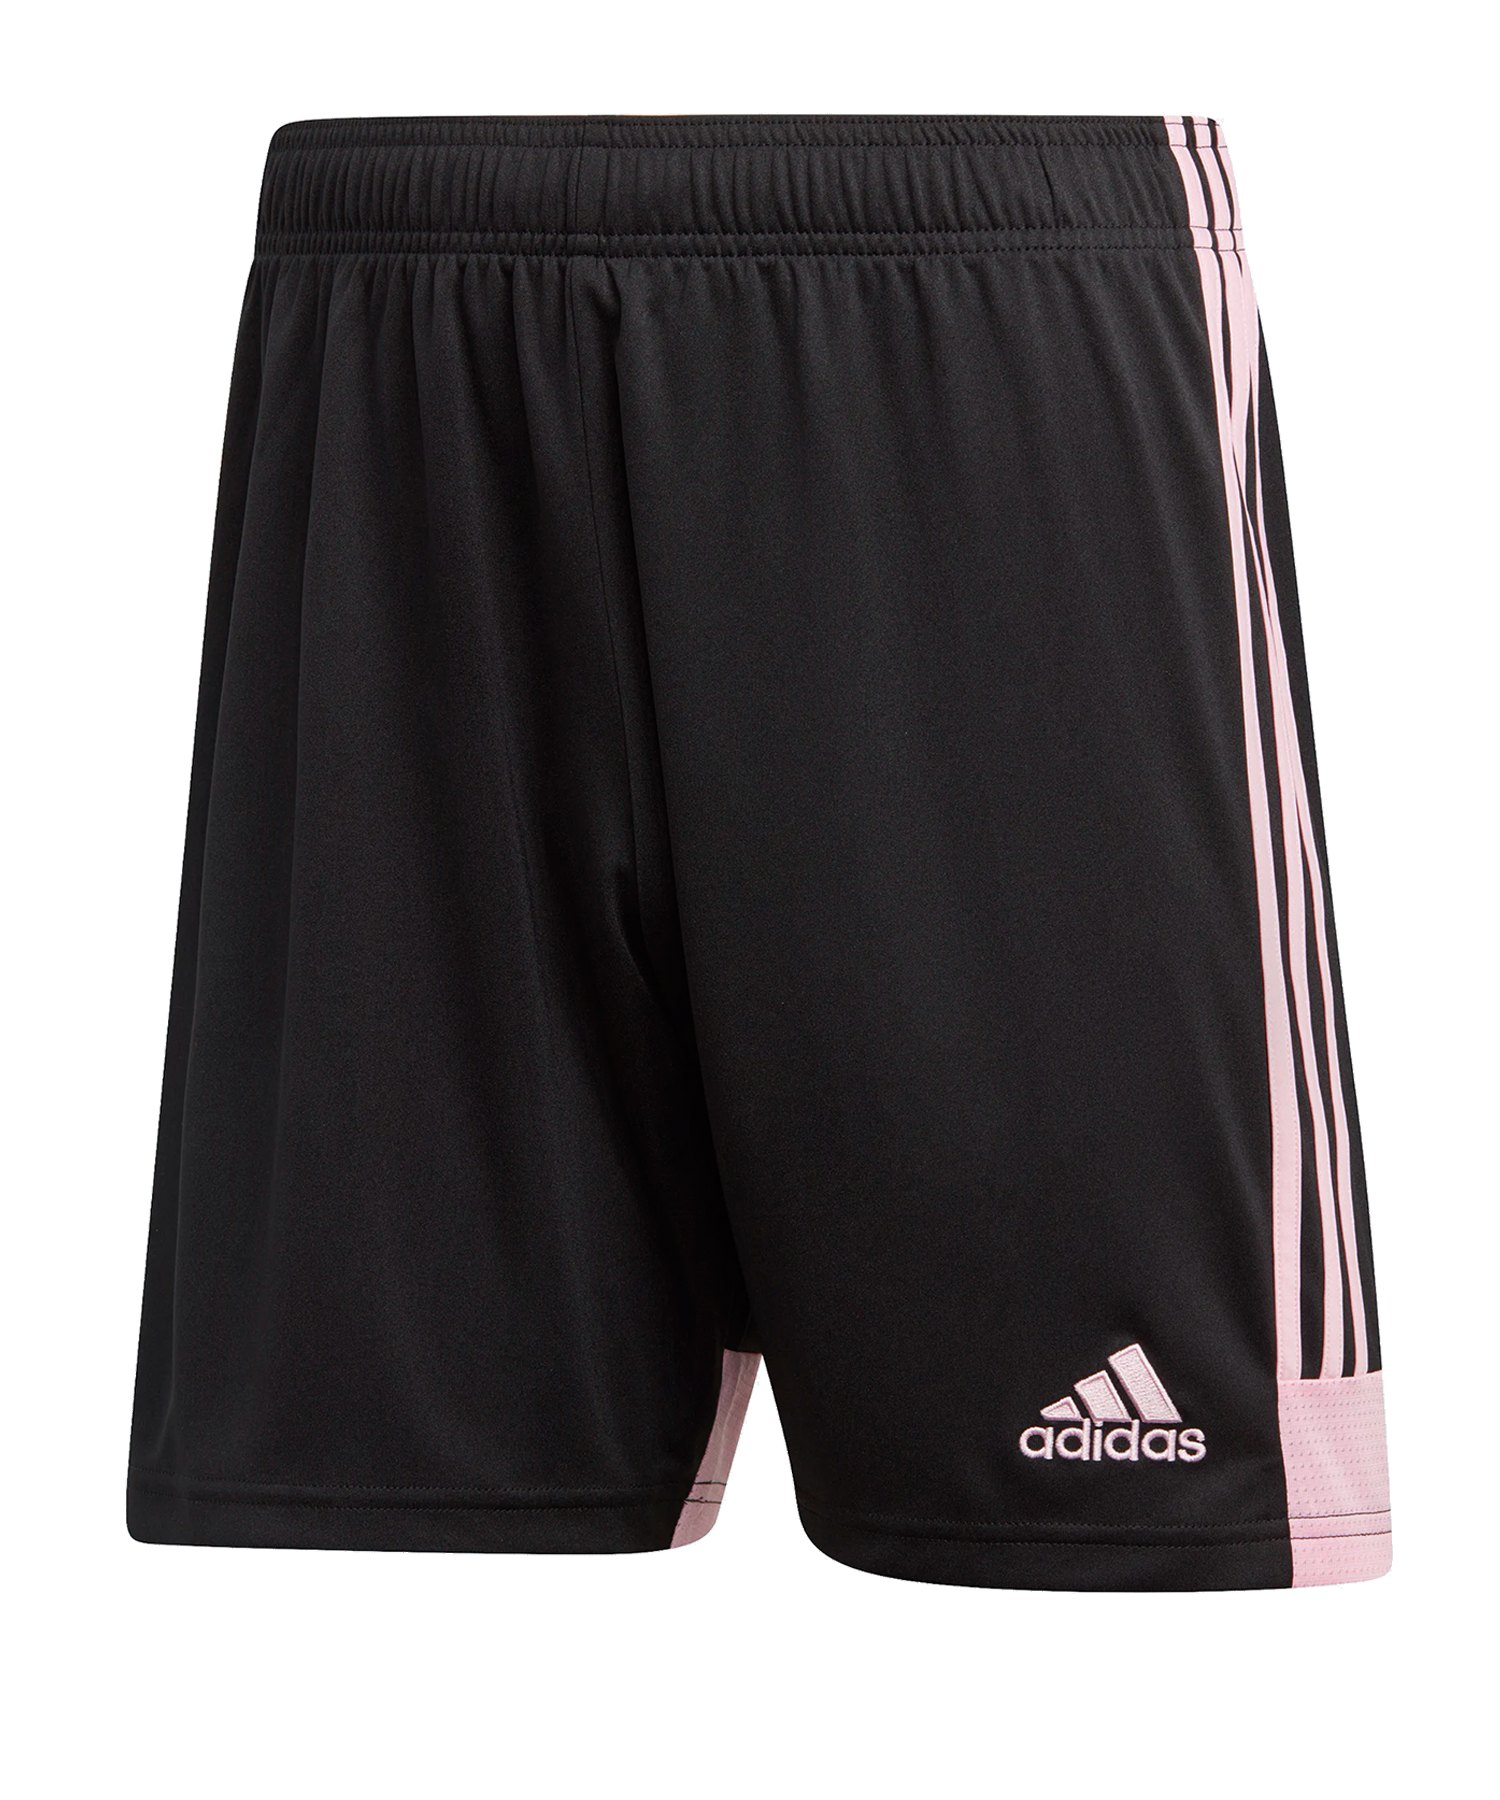 adidas Tastigo 19 Short Schwarz Pink - schwarz